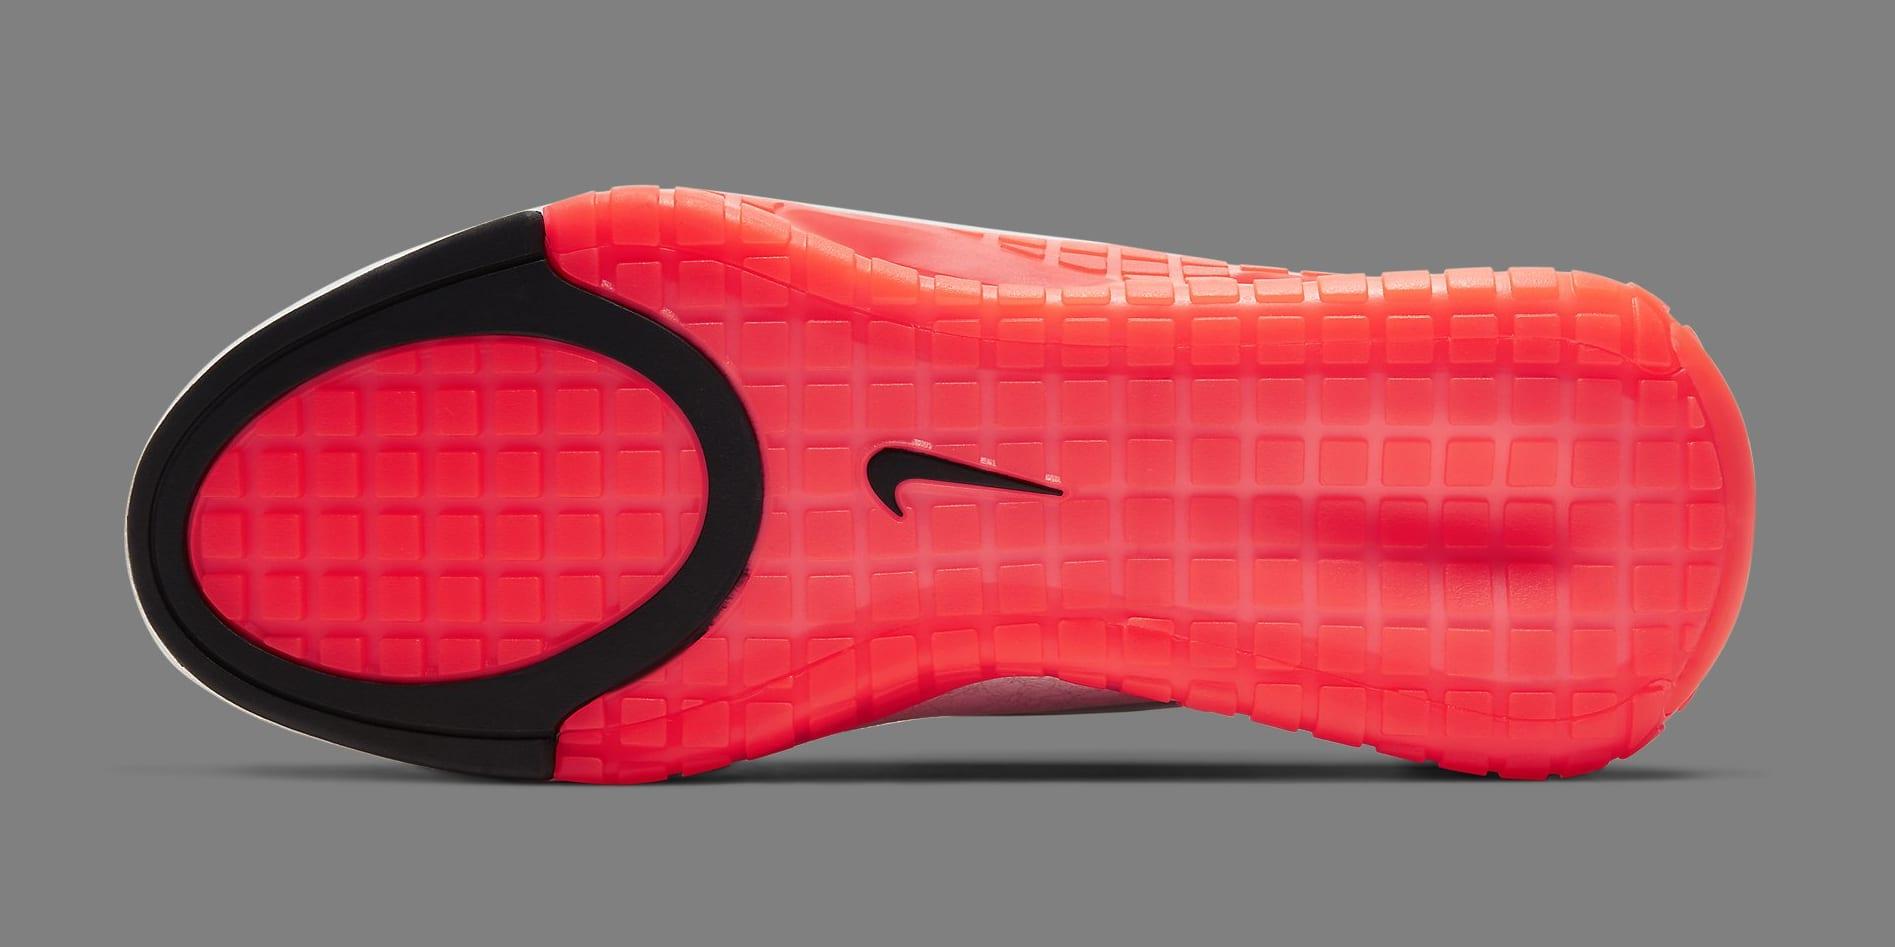 Nike Adapt Auto Max 'Infrared' CI5018-002 Outsole